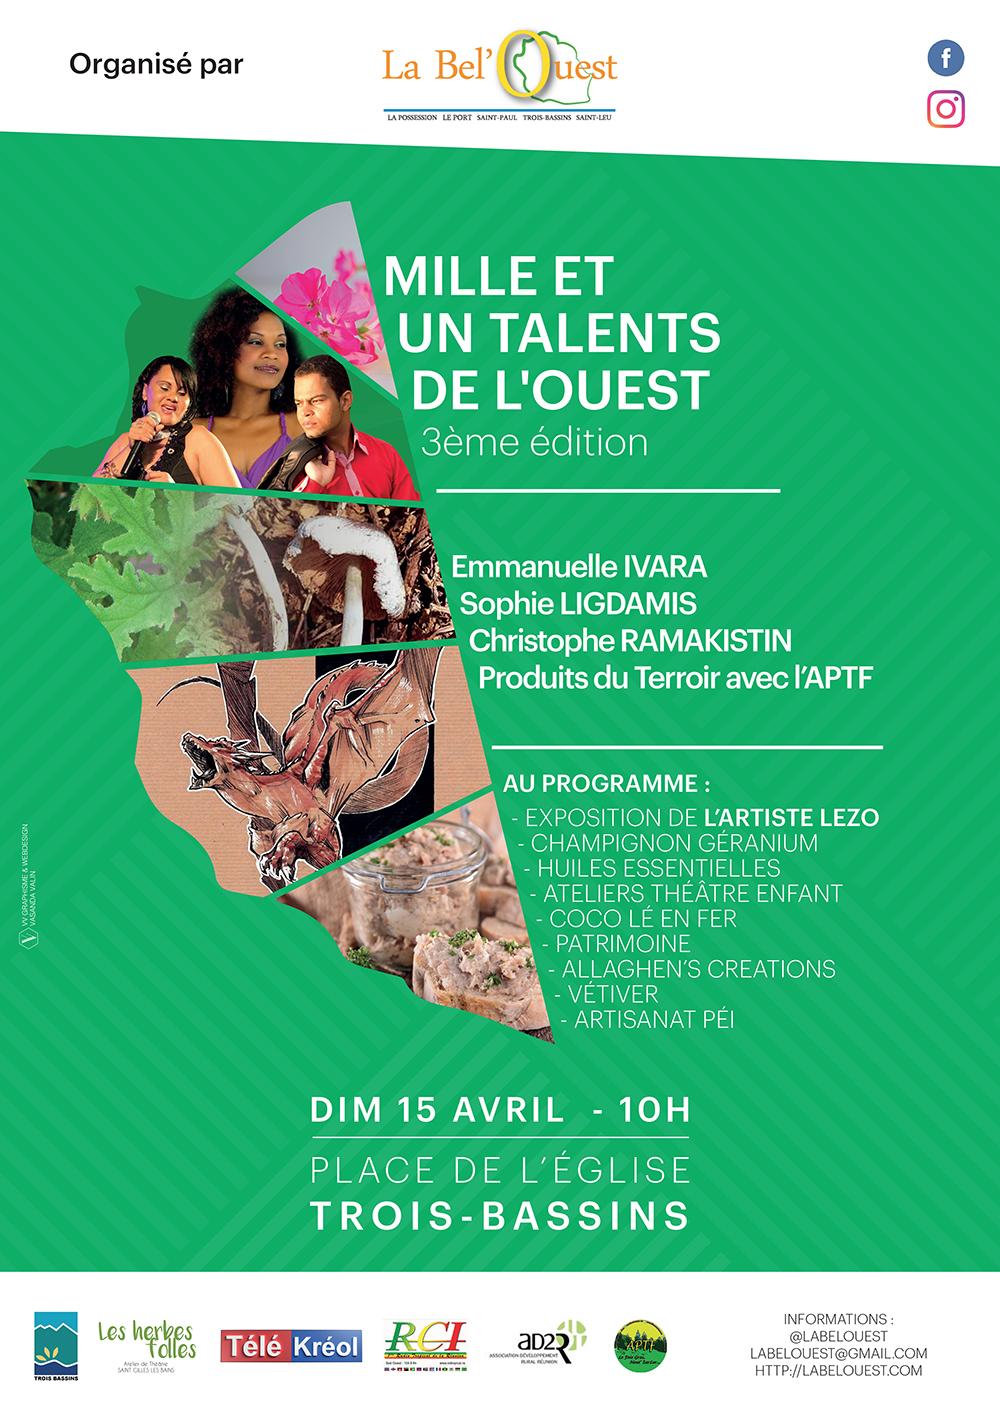 http://medias.tourism-system.com/6/7/408194_mille_et_un_talents_de_louest_-_3eme_edition.jpg